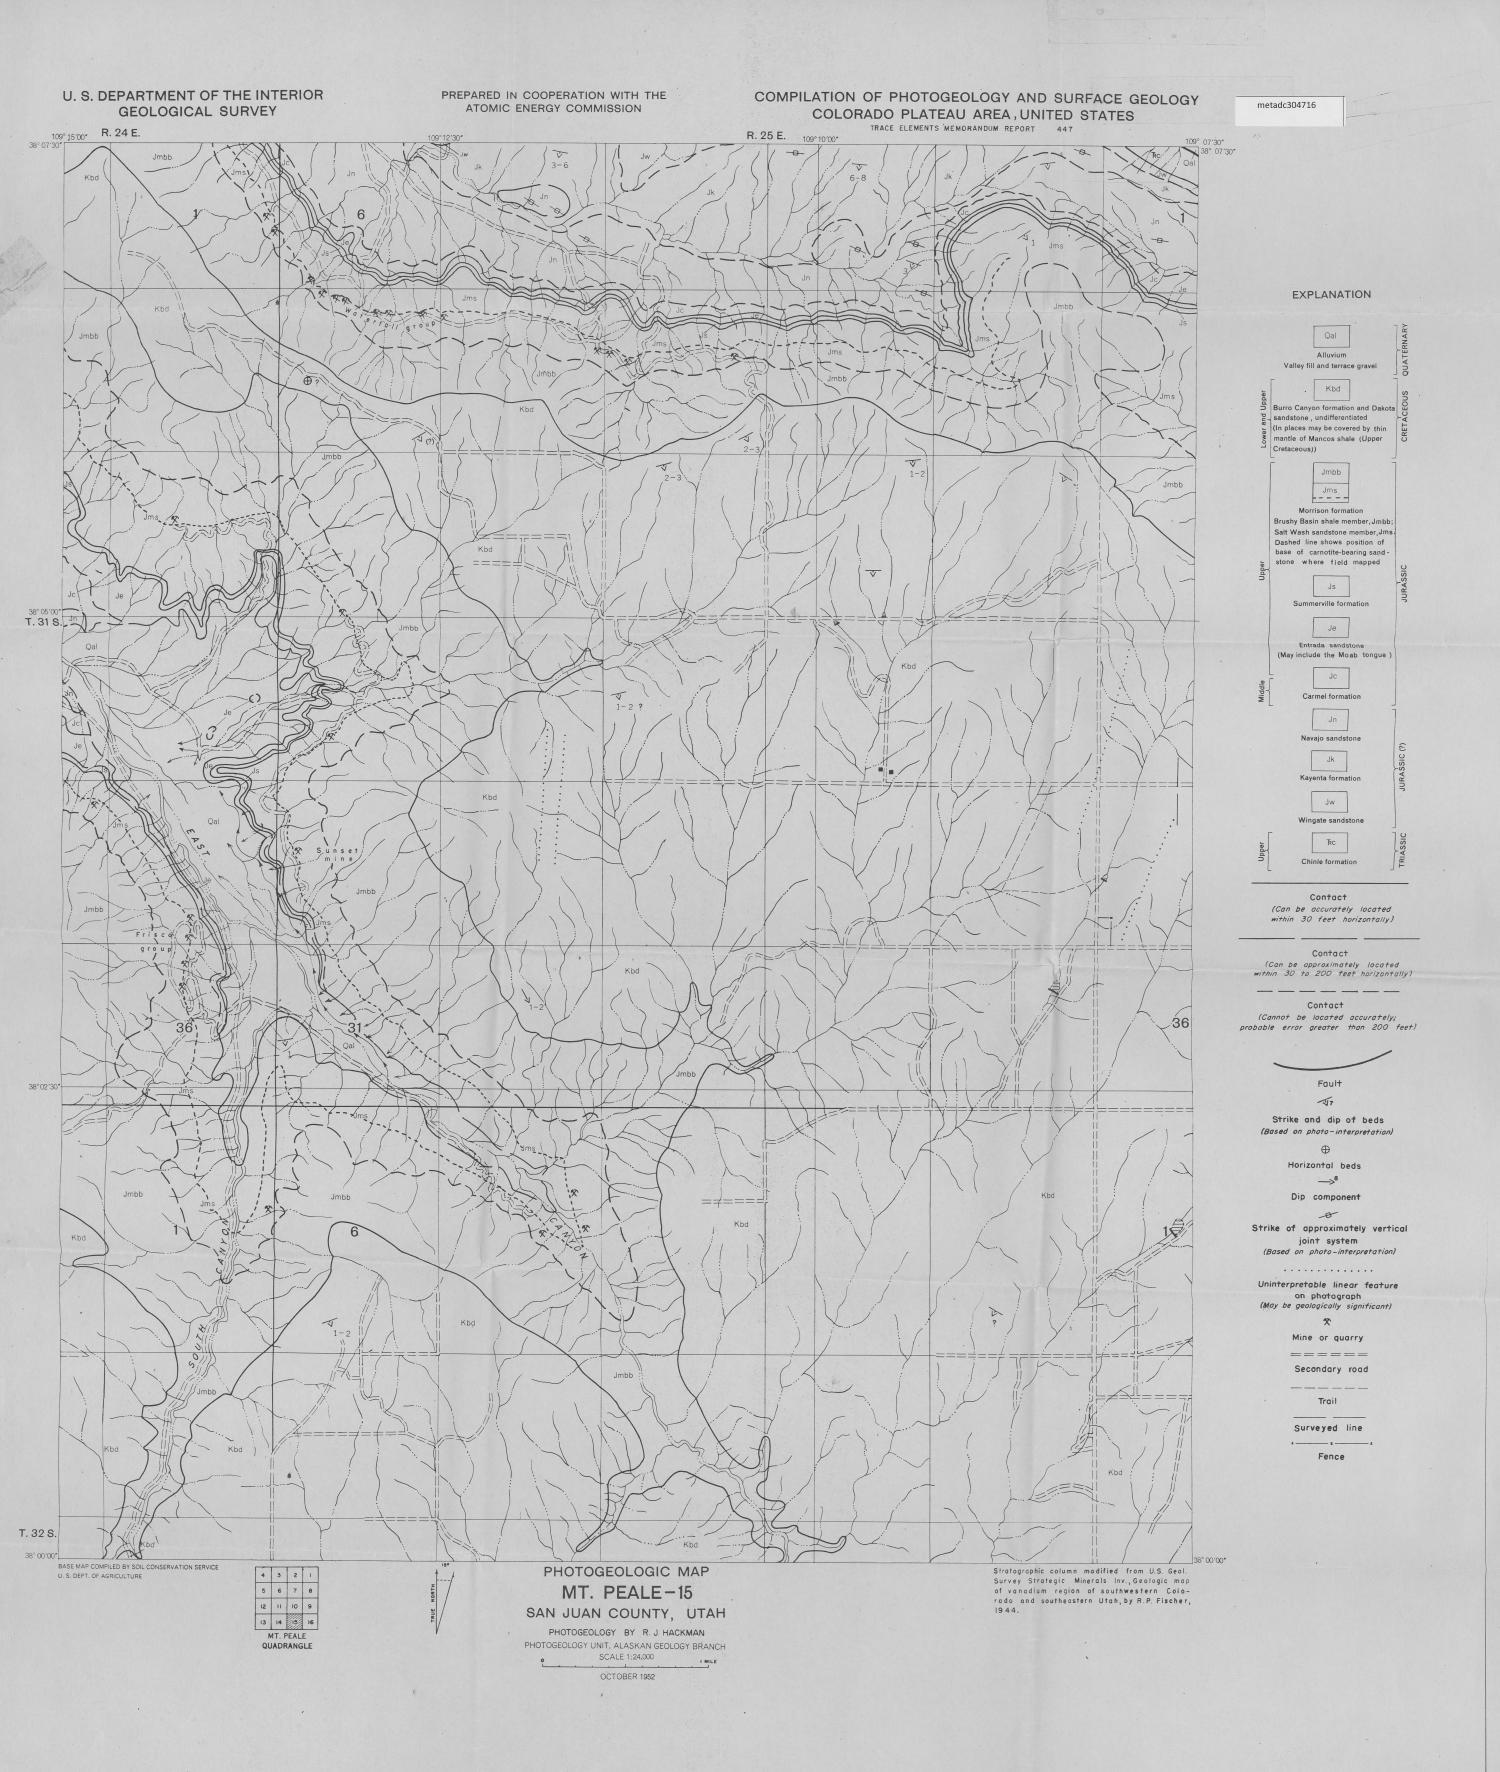 San Juan River Utah Map.Photogeologic Map Mt Peale 15 Quadrangle San Juan County Utah